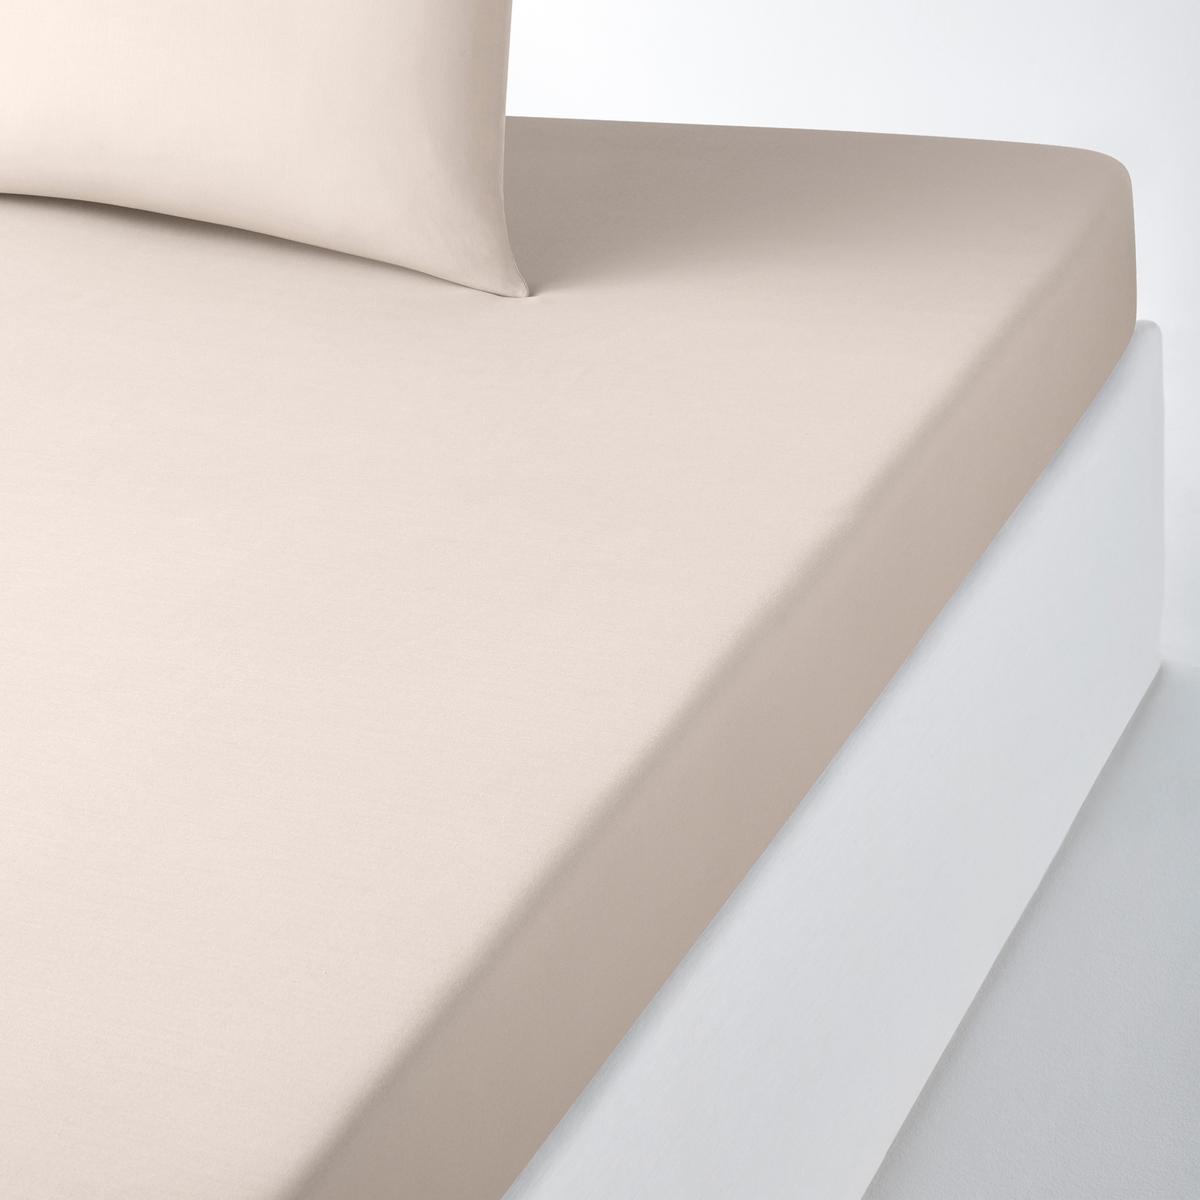 Простыня натяжная из полихлопка на стандартный матрасНатяжная простыня из полихлопка, 50 % хлопка, 50 % полиэстера, ткань с плотным переплетением нитей, ультранежная и плотная. 25-сантиметровый клапан (для матрасов шириной до 23 см). Яркая гамма цветов позволяет создать оригинальный комплект помтельного белья SCENARIO.Плотное плетение нитей ткани: 57 нитей/см?. Чем больше нитей/см?, тем выше качество материала.Превосходная стойкость цвета при стирке 60°. Быстро сохнет, не нужно гладить.Производство осуществляется с учетом стандартов по защите окружающей среды и здоровья человека, что подтверждено сертификатом Oeko-tex®.Натяжная простыня:80=&gt; 80x190 см: 1-сп.90=&gt; 90x190 см: 1-сп.95=&gt; 90x200 см: 1-сп.120=&gt; 120x190 см: 1-2-сп.140=&gt; 140x190 cм: 2-сп.145=&gt; 140x200 см: 2-сп.160=&gt; 160x200 см: 2-сп.180=&gt; 180x200 см: ?2-сп.Ищите комплект постельного белья SC?NARIO на нашем сайте.<br><br>Цвет: бордовый,смородиновый<br>Размер: 180 x 200  см.80 x 190  см